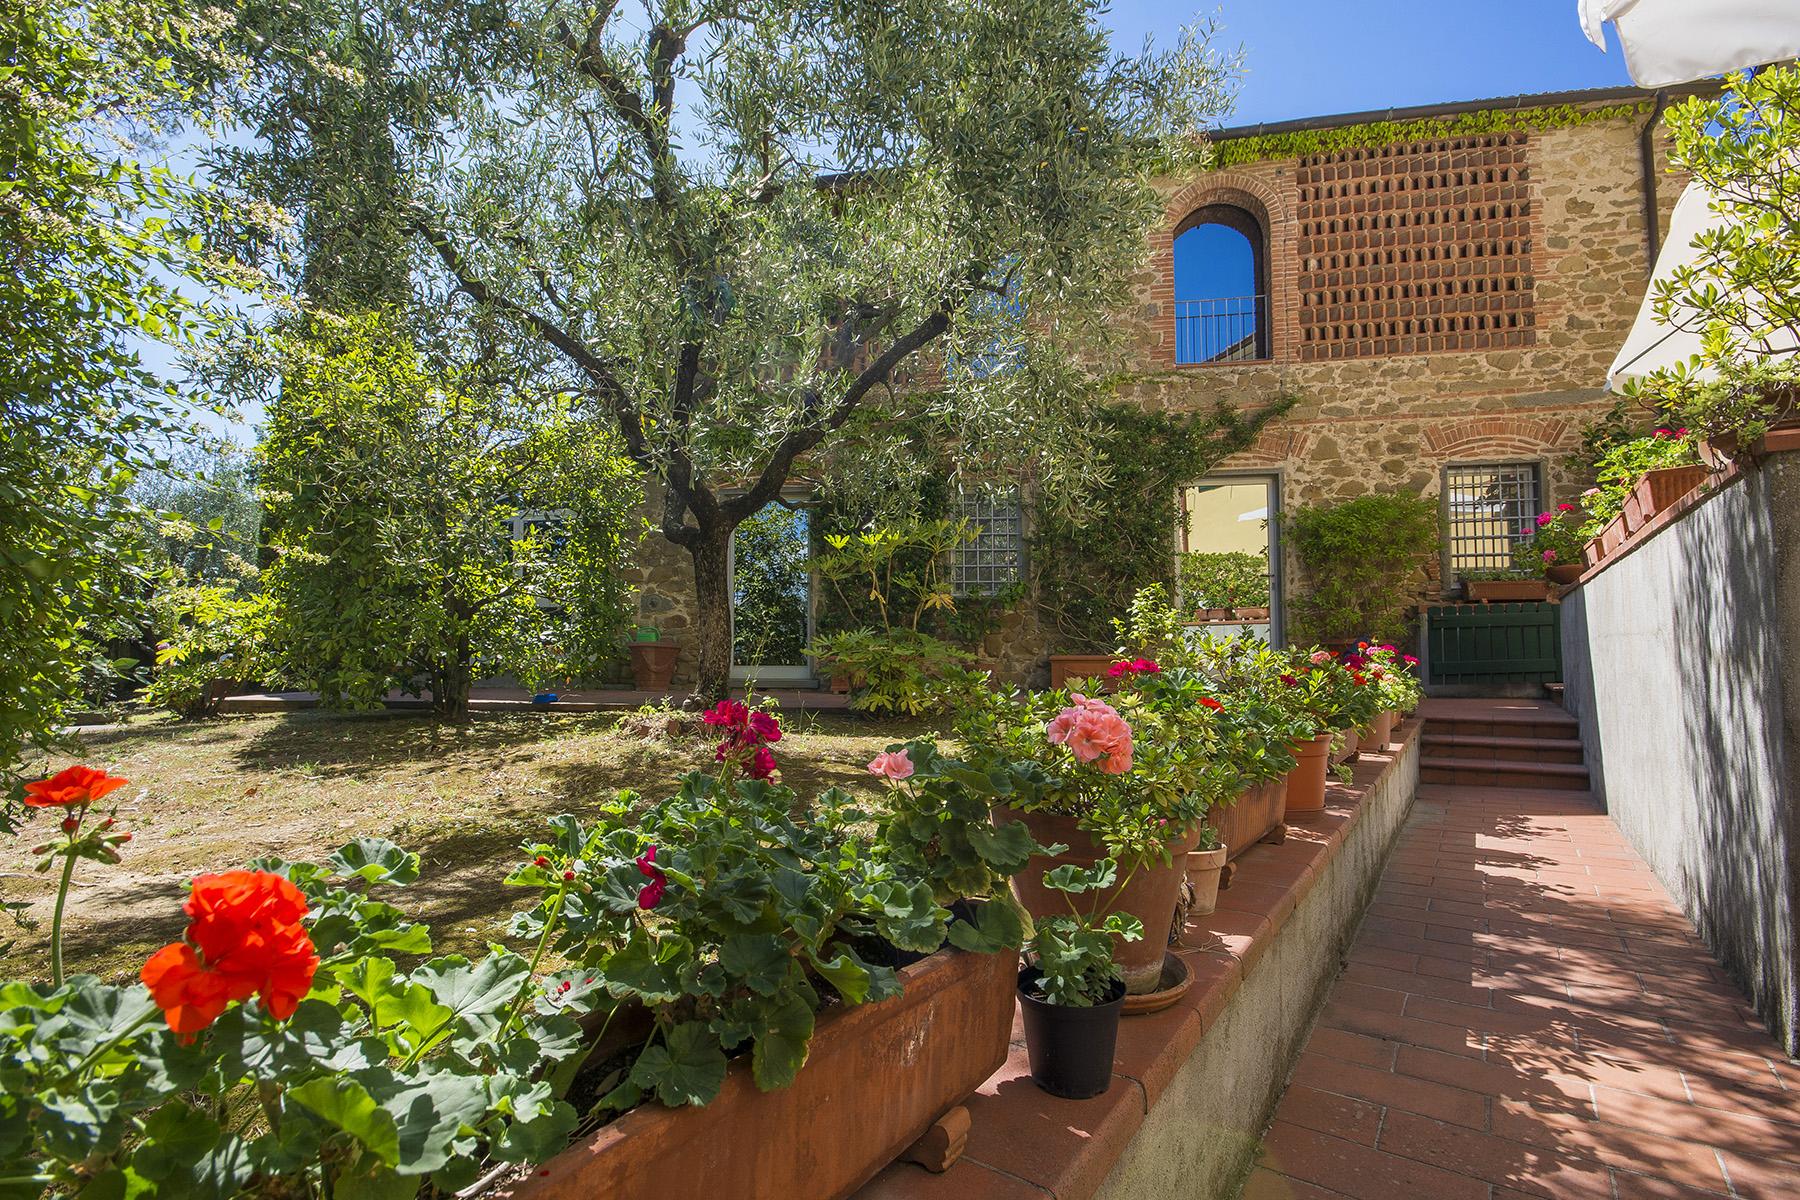 Rustico in Vendita a Monsummano Terme: 5 locali, 570 mq - Foto 15